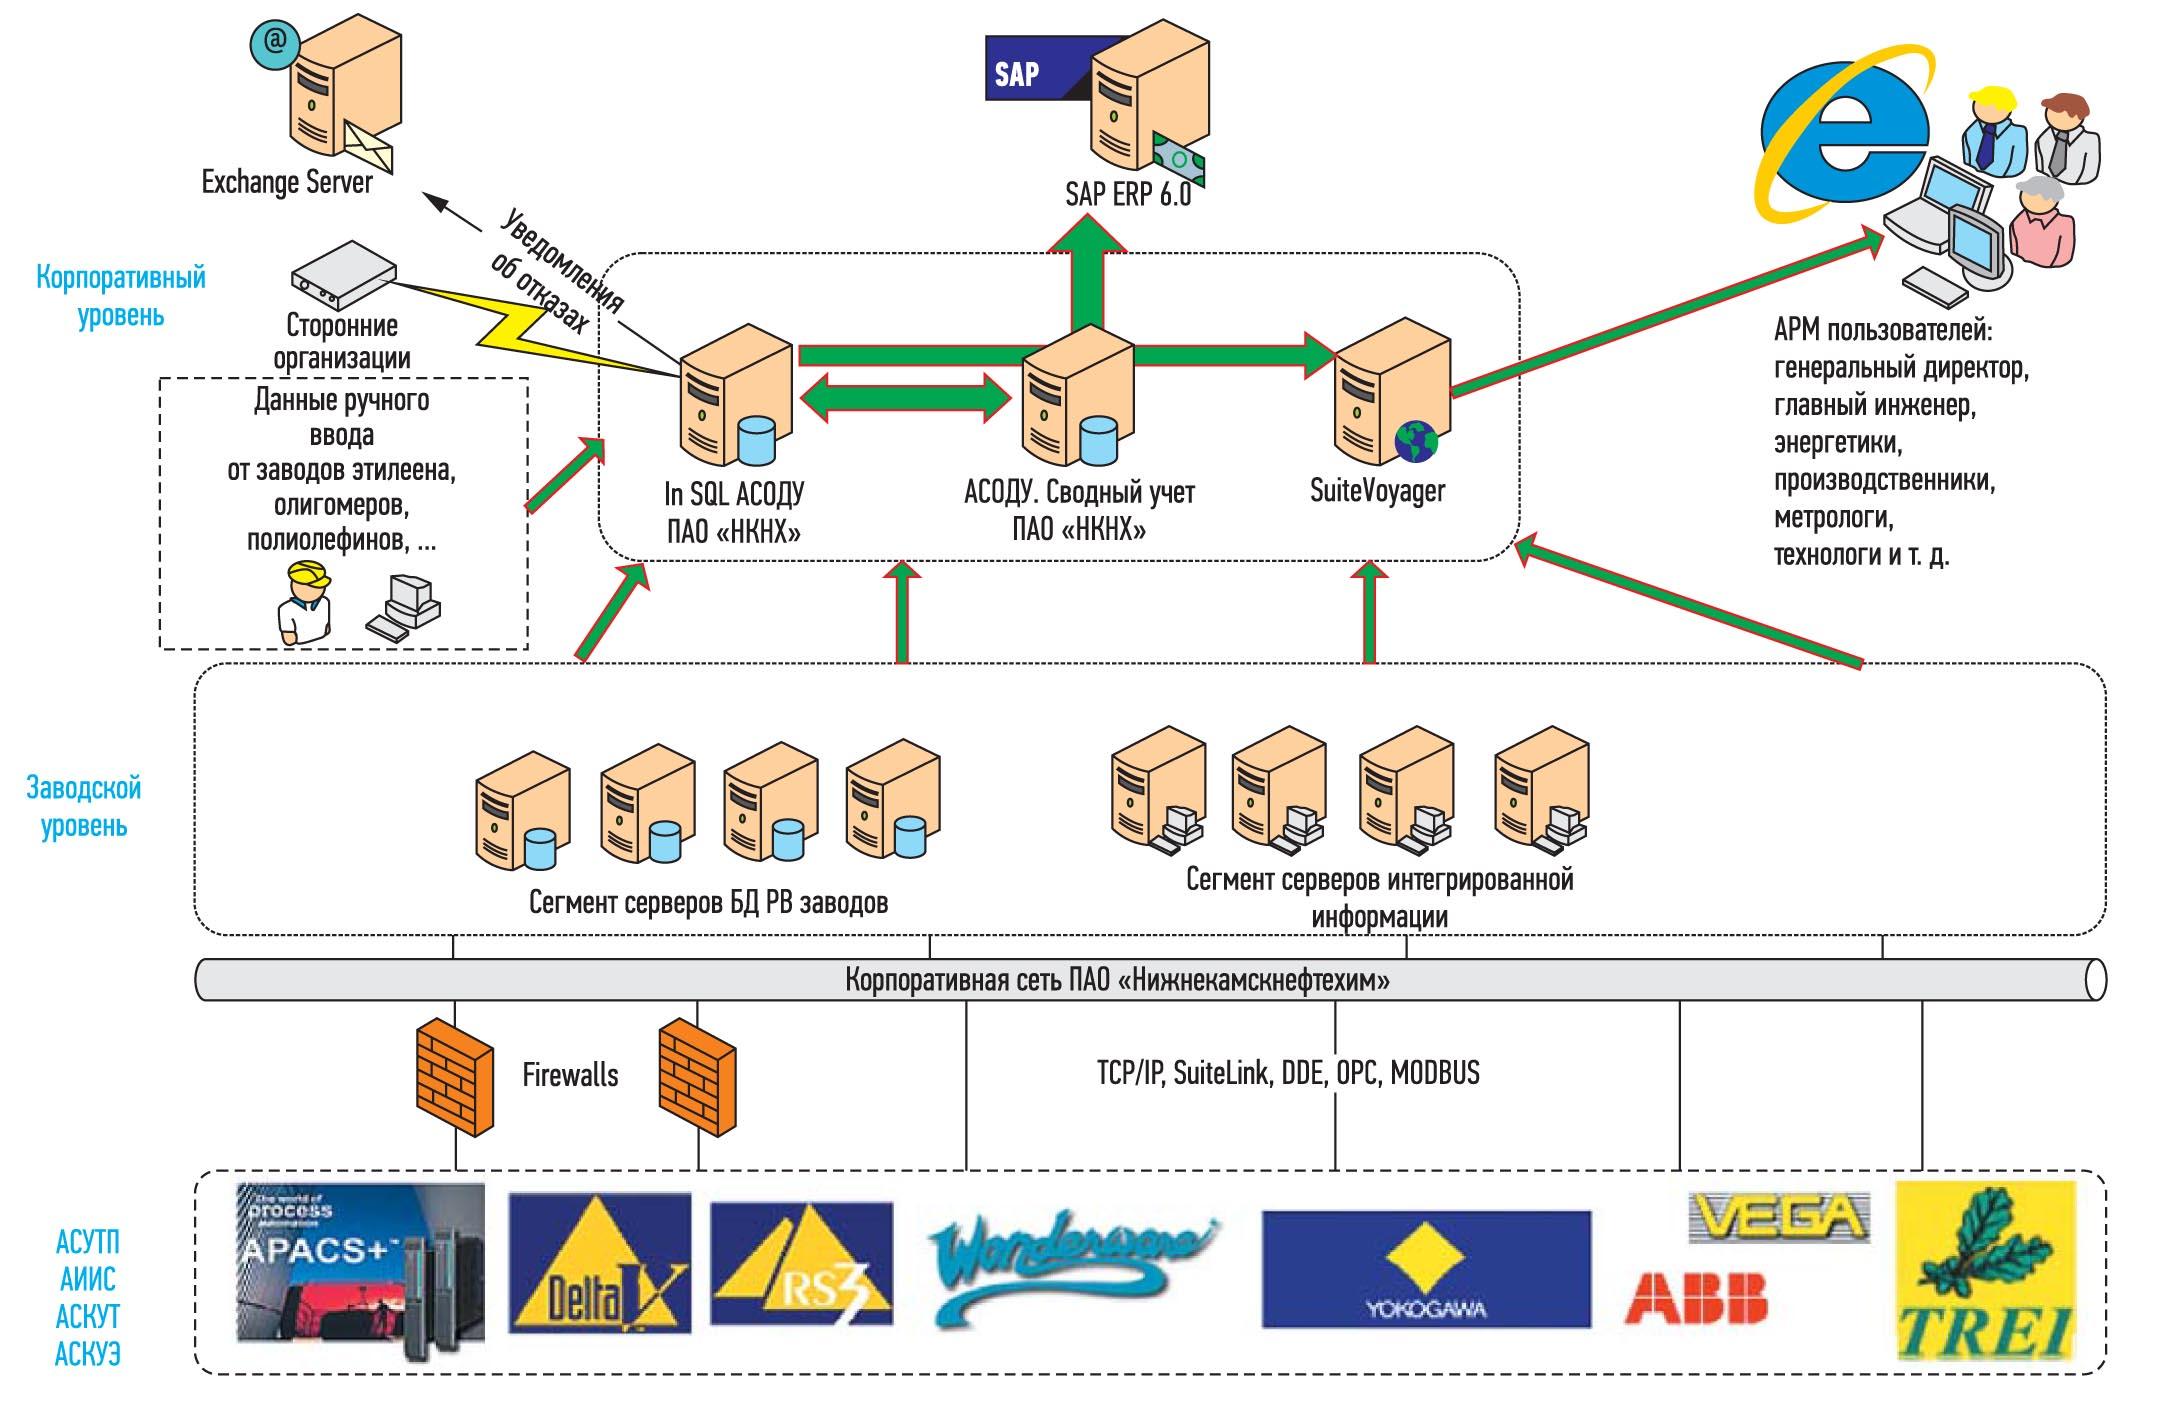 Система производственного мониторинга